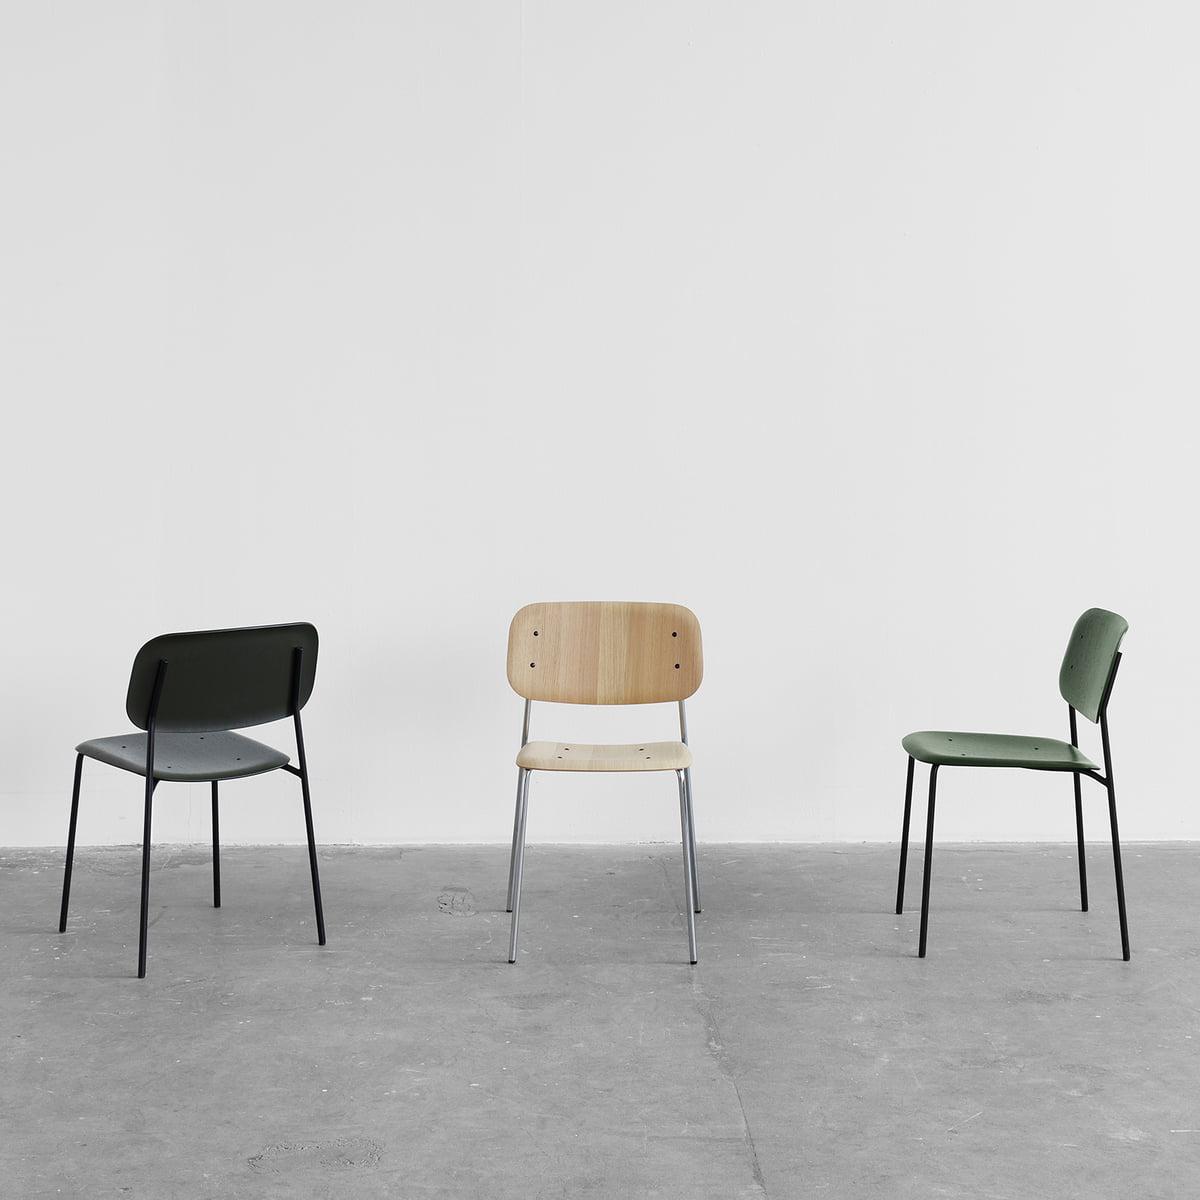 Hay Soft Edge 12 Stuhl, Eiche matt lackiert